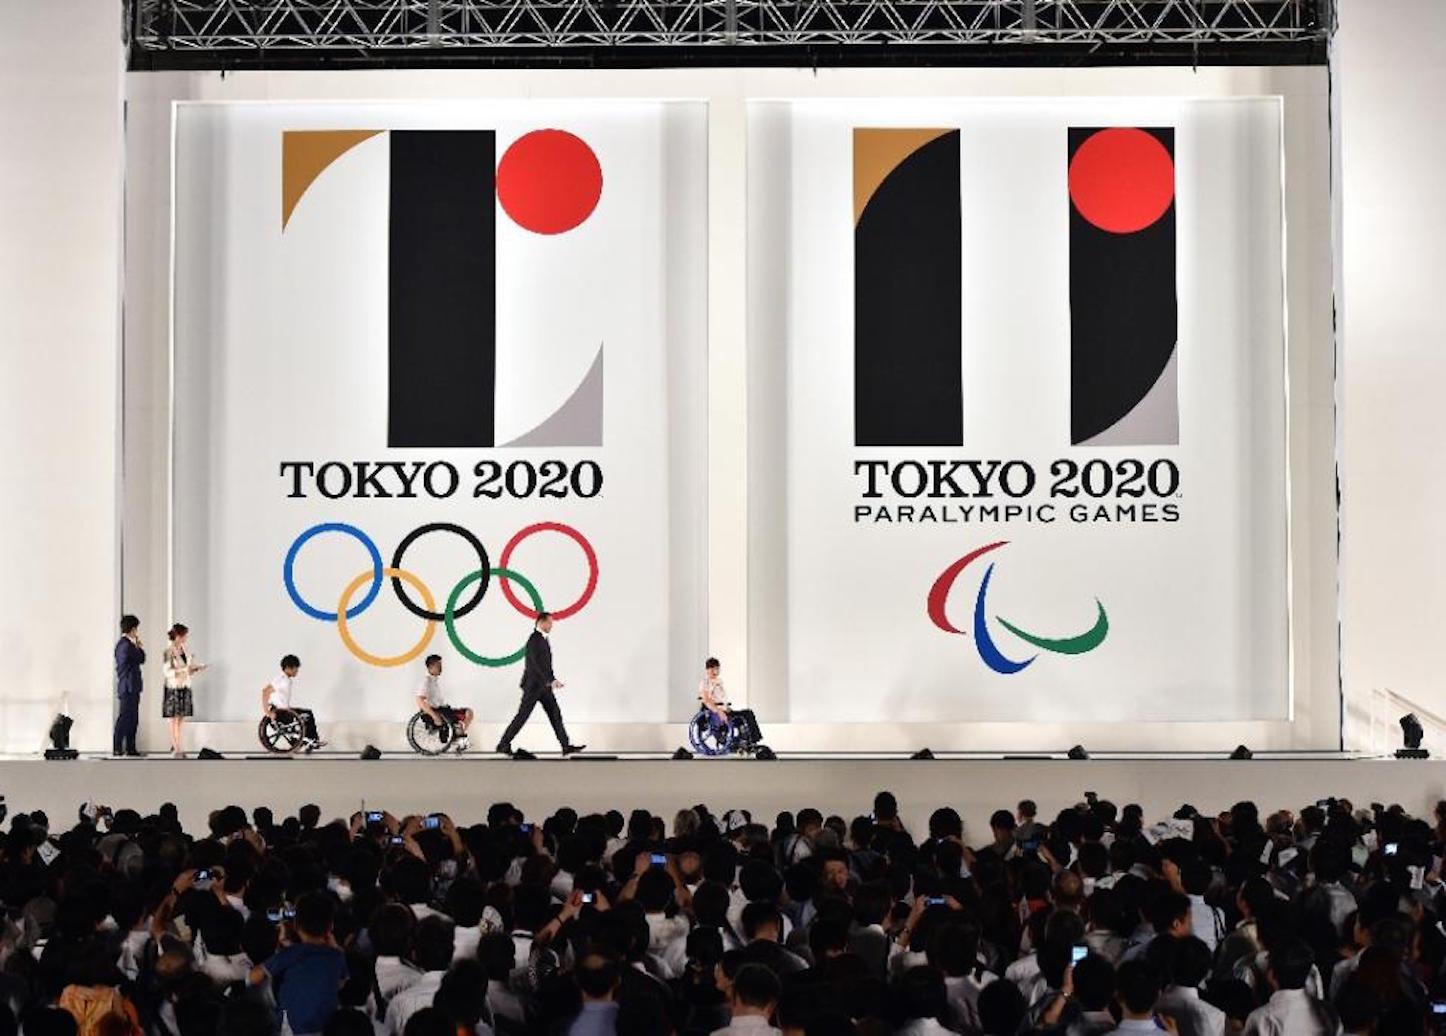 Tokyo Olympics 2020 emblem